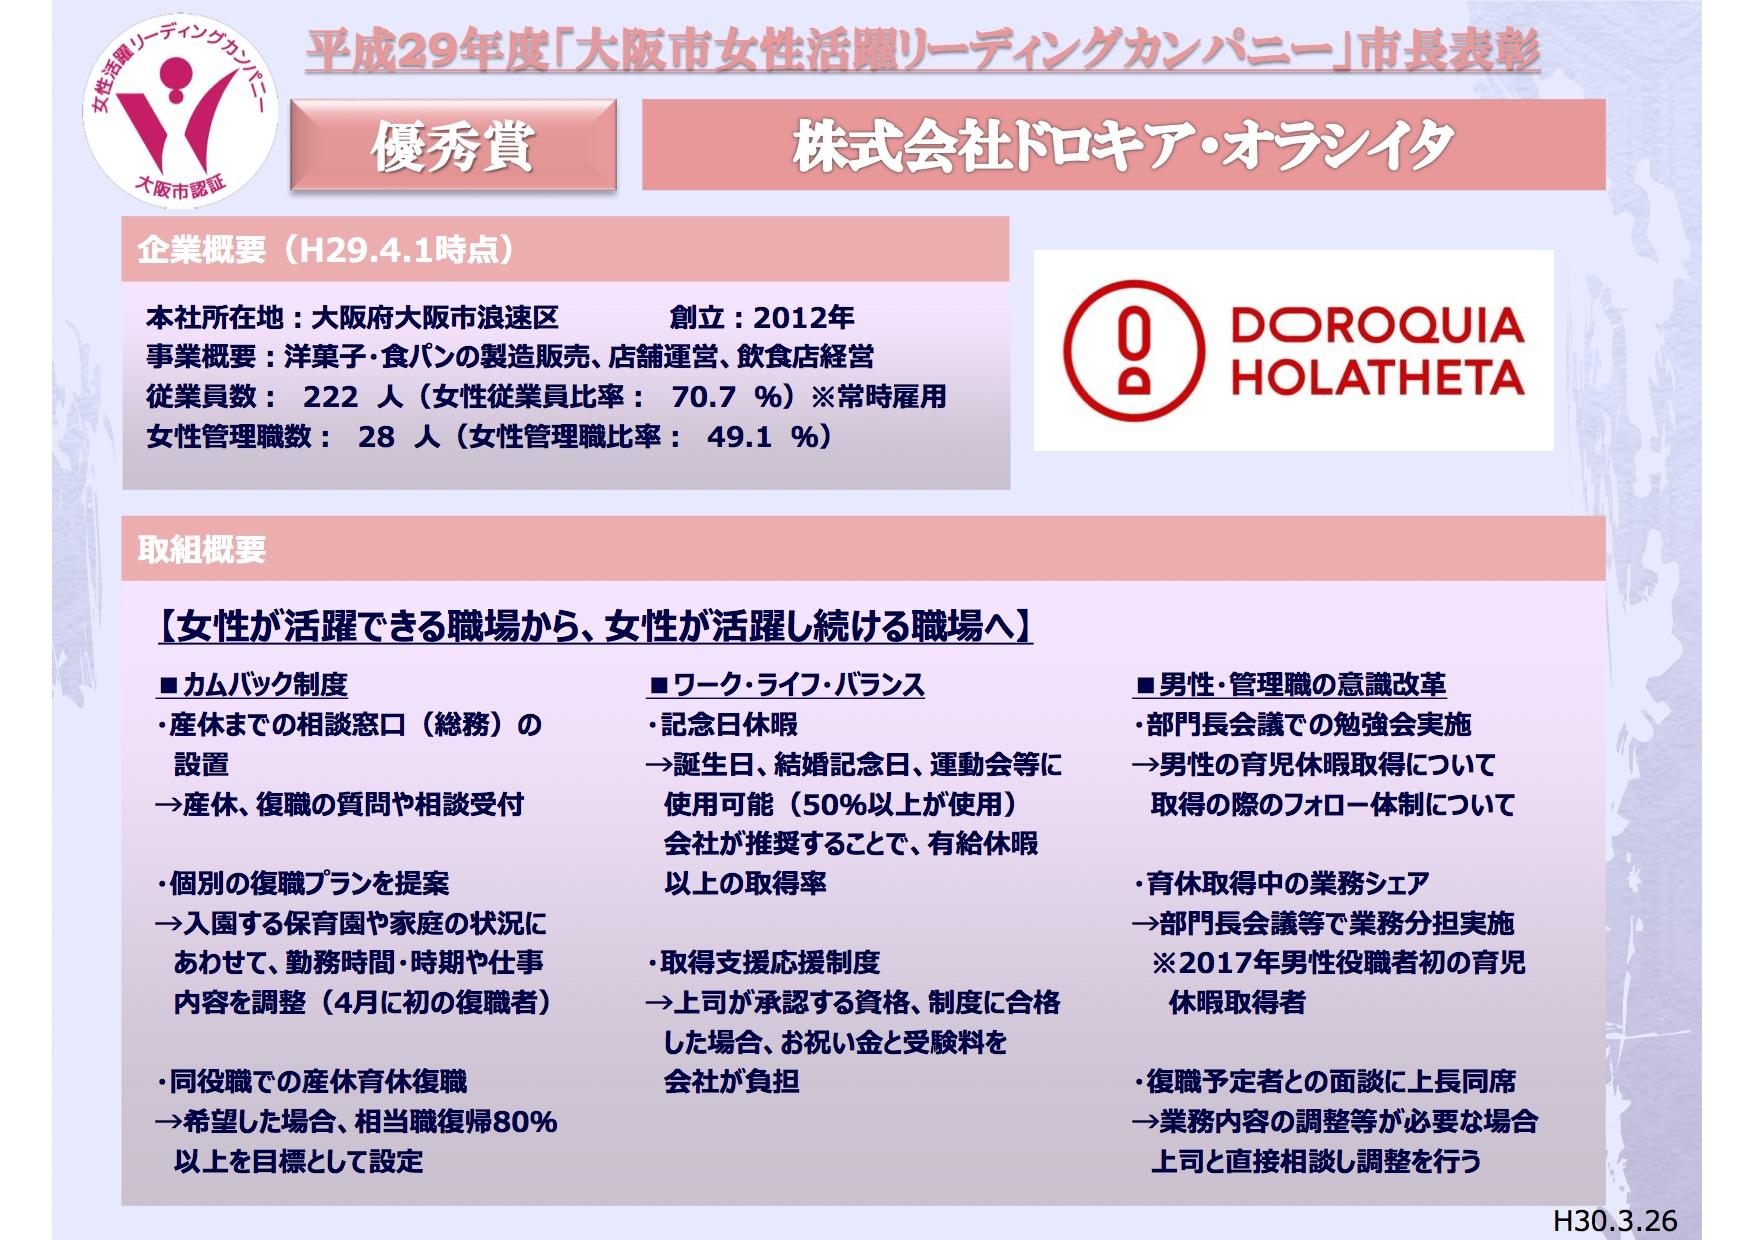 ドロキア・オラシイタの取組み